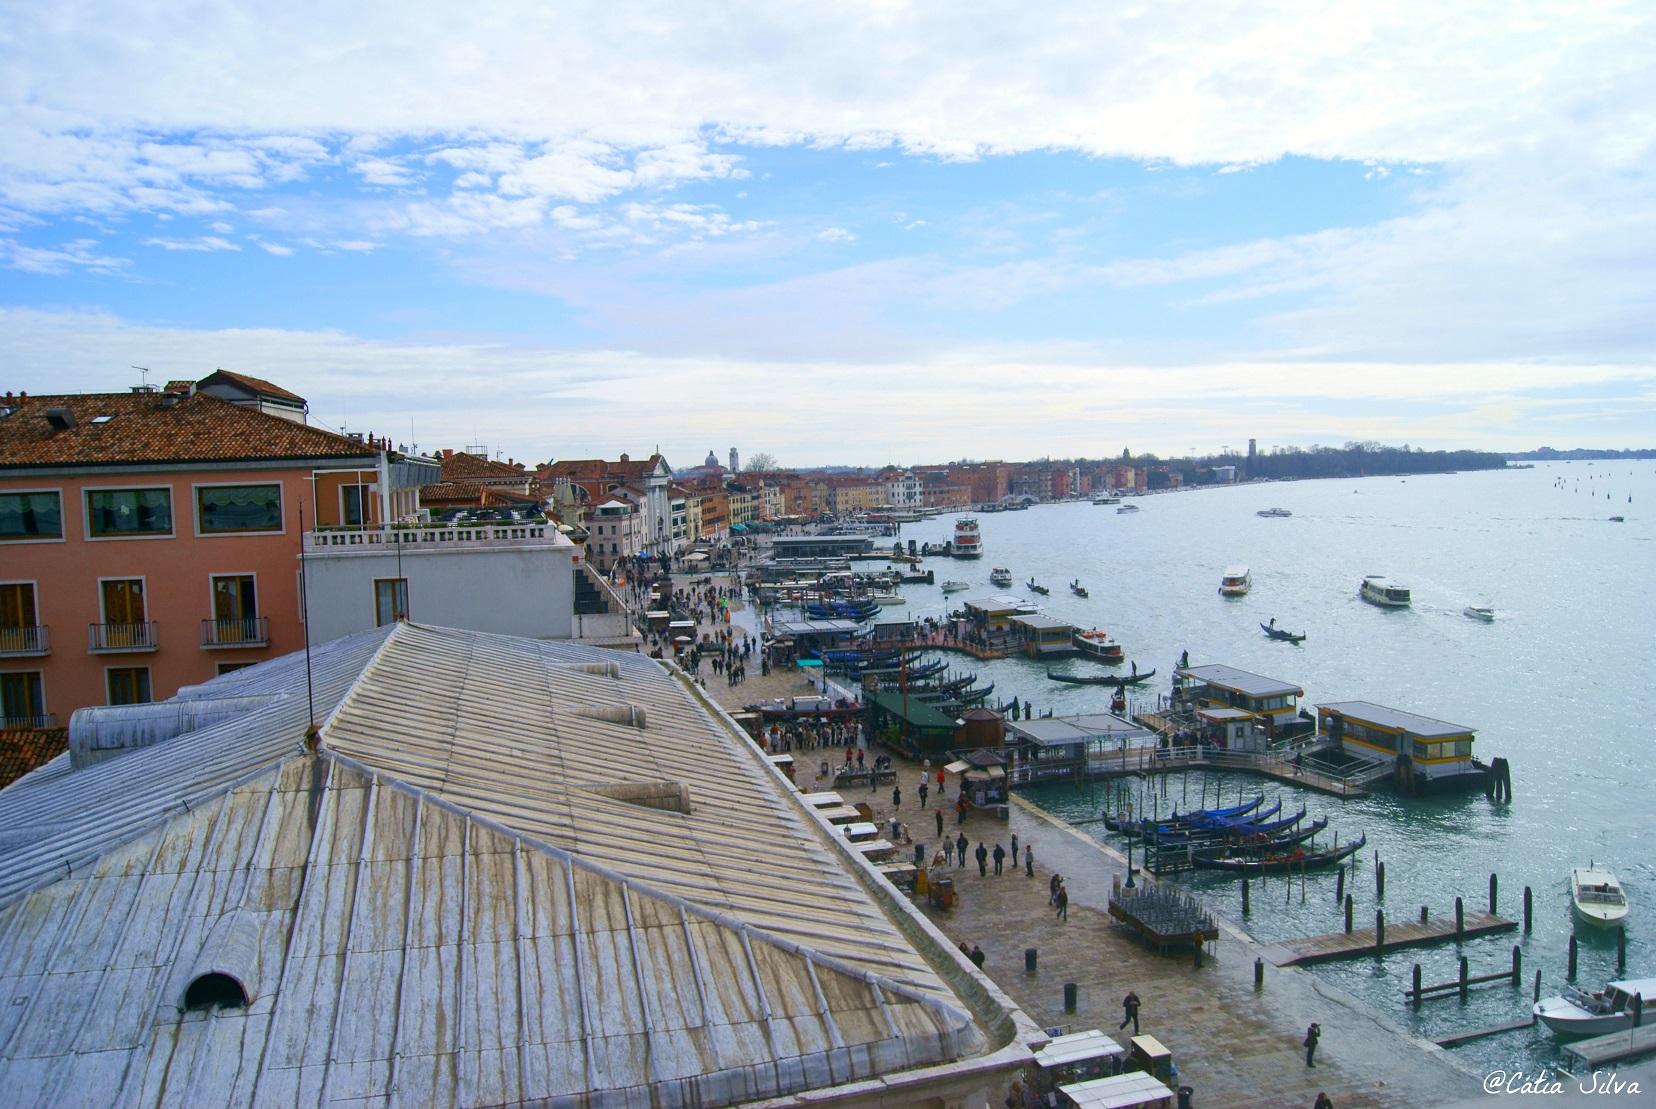 Palacio Ducal - Venecia - Italia (5)